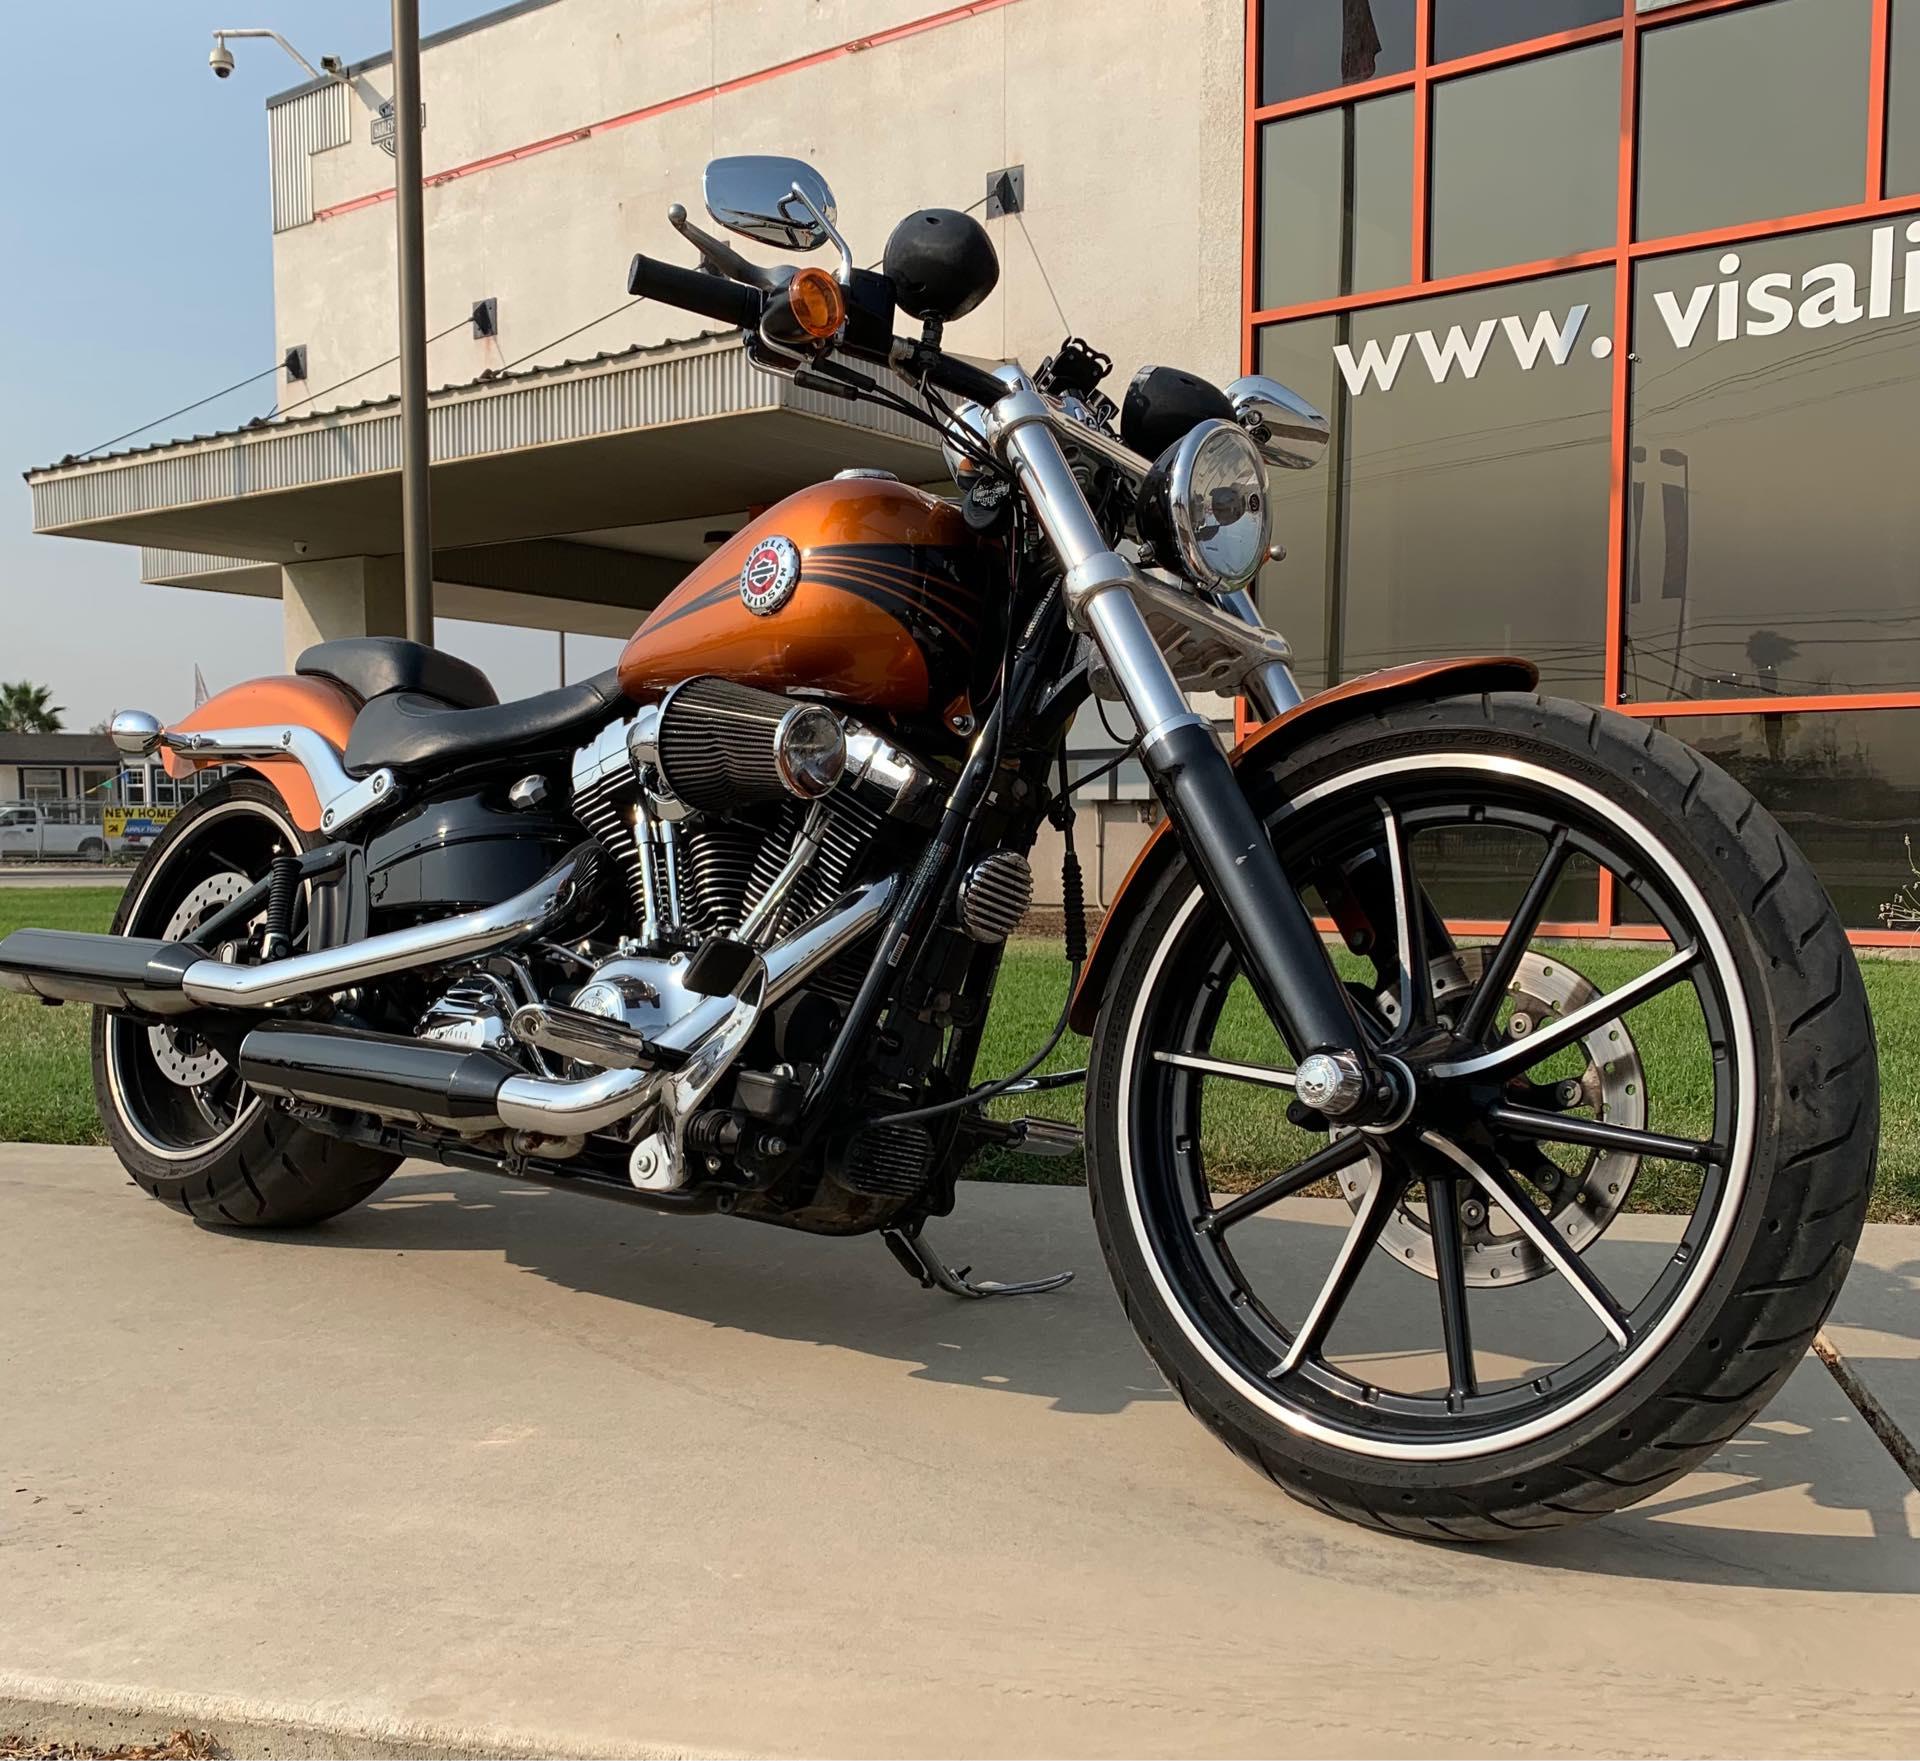 2014 Harley-Davidson Softail Breakout at Visalia Harley-Davidson